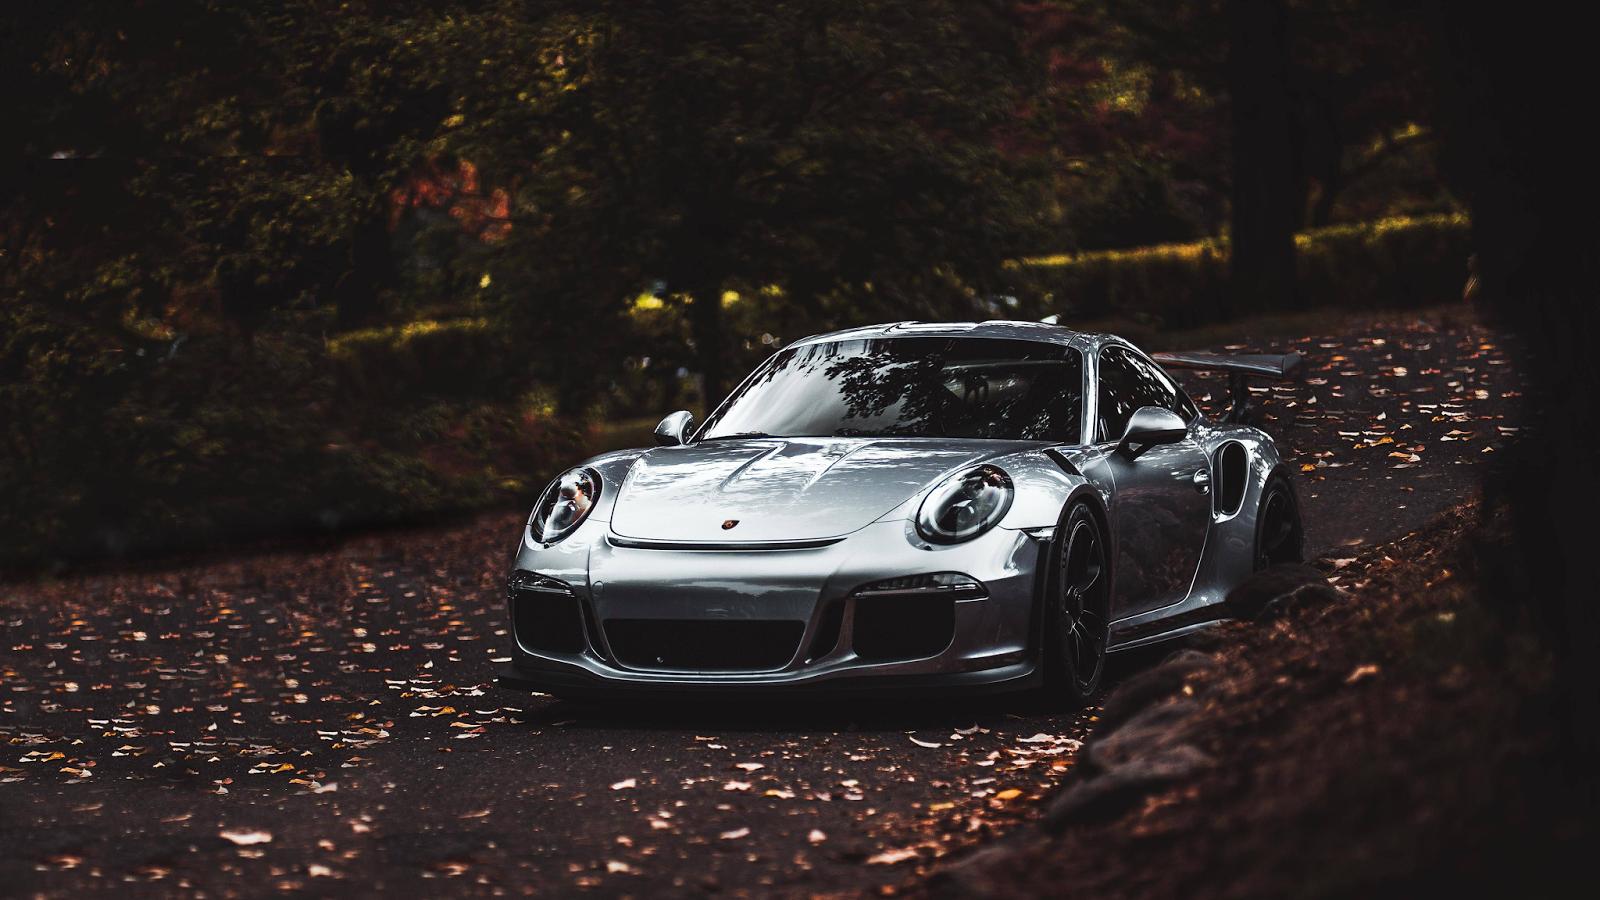 Porsche 911 Gt3 Rs 3840 X 2160 Link Https Toptenbeautifulwallpaper Blogspot Com Top Ten Beautiufl Wallpaper Bilar